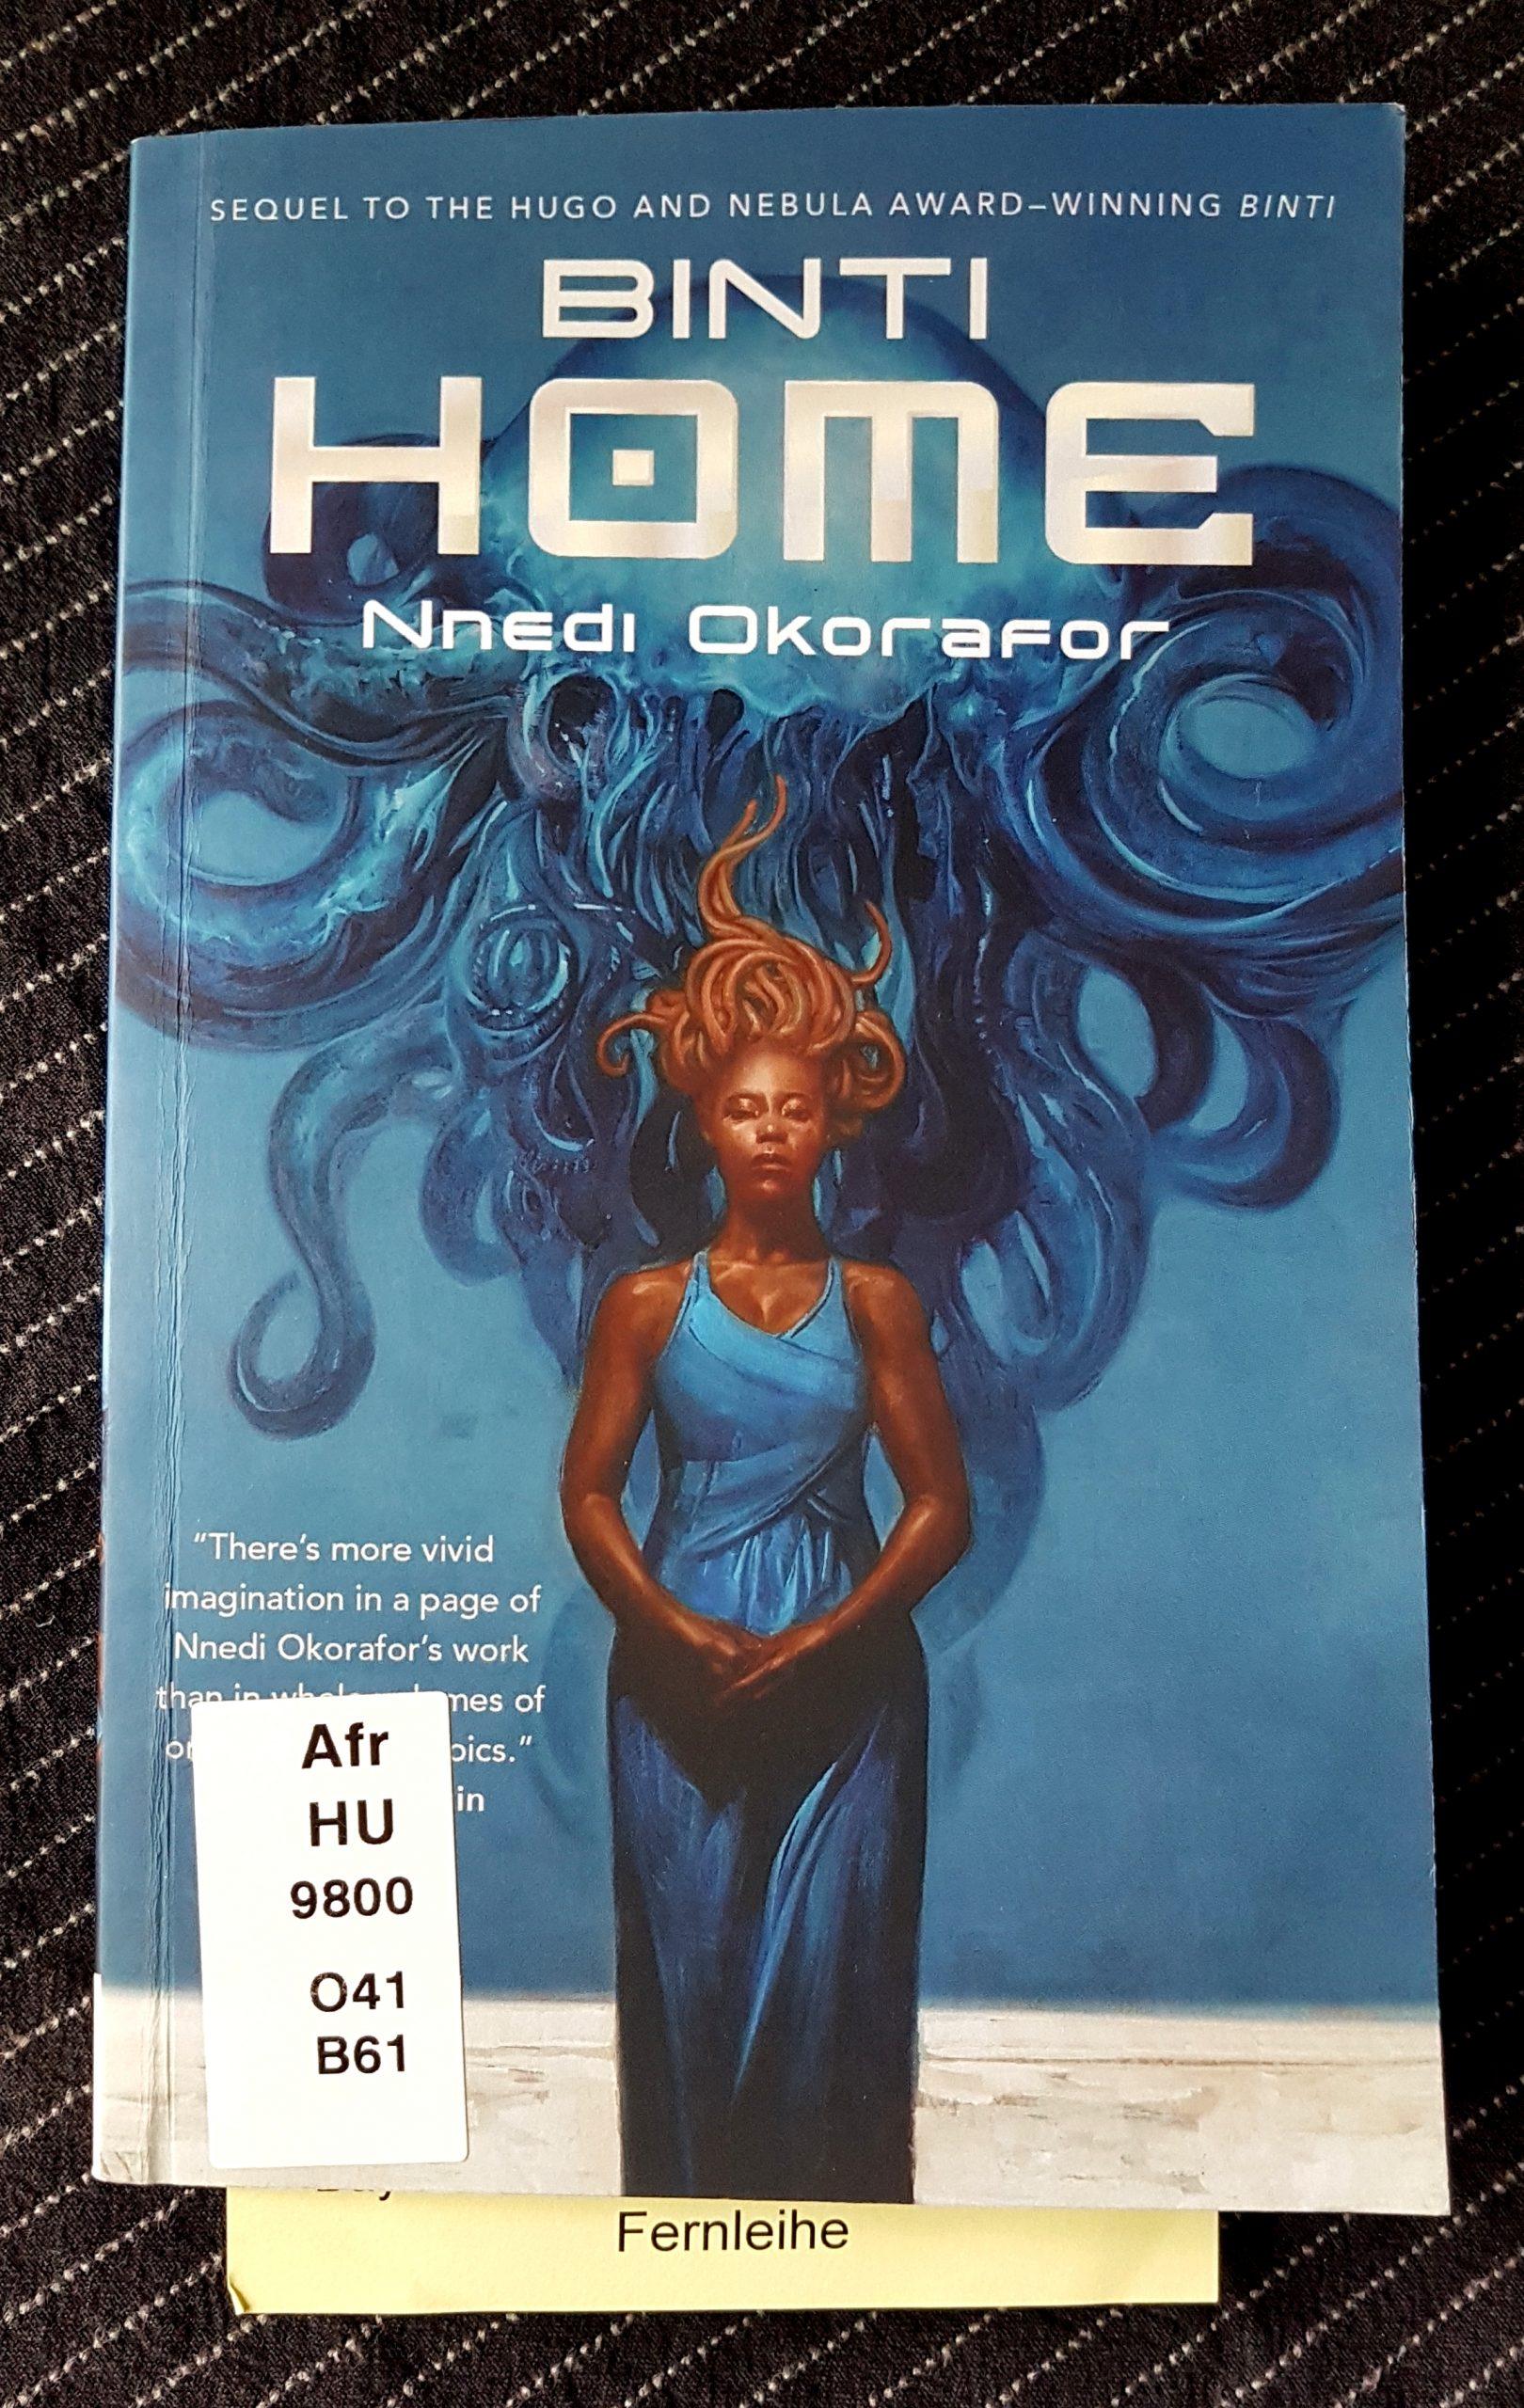 Buchdeckel von »Binti Home« von Nnedi Okorafor. Vor blauen Hintergrund eine schwarze Frau mit blauem Kleid und orange roten Tentakeln statt Haaren. Dahinter eine ebenso große blaue Qualle mit nach unten gehenden Tentakeln. Aus dem Buch guckt ein Zettel mit dem Wort Fernleihe.